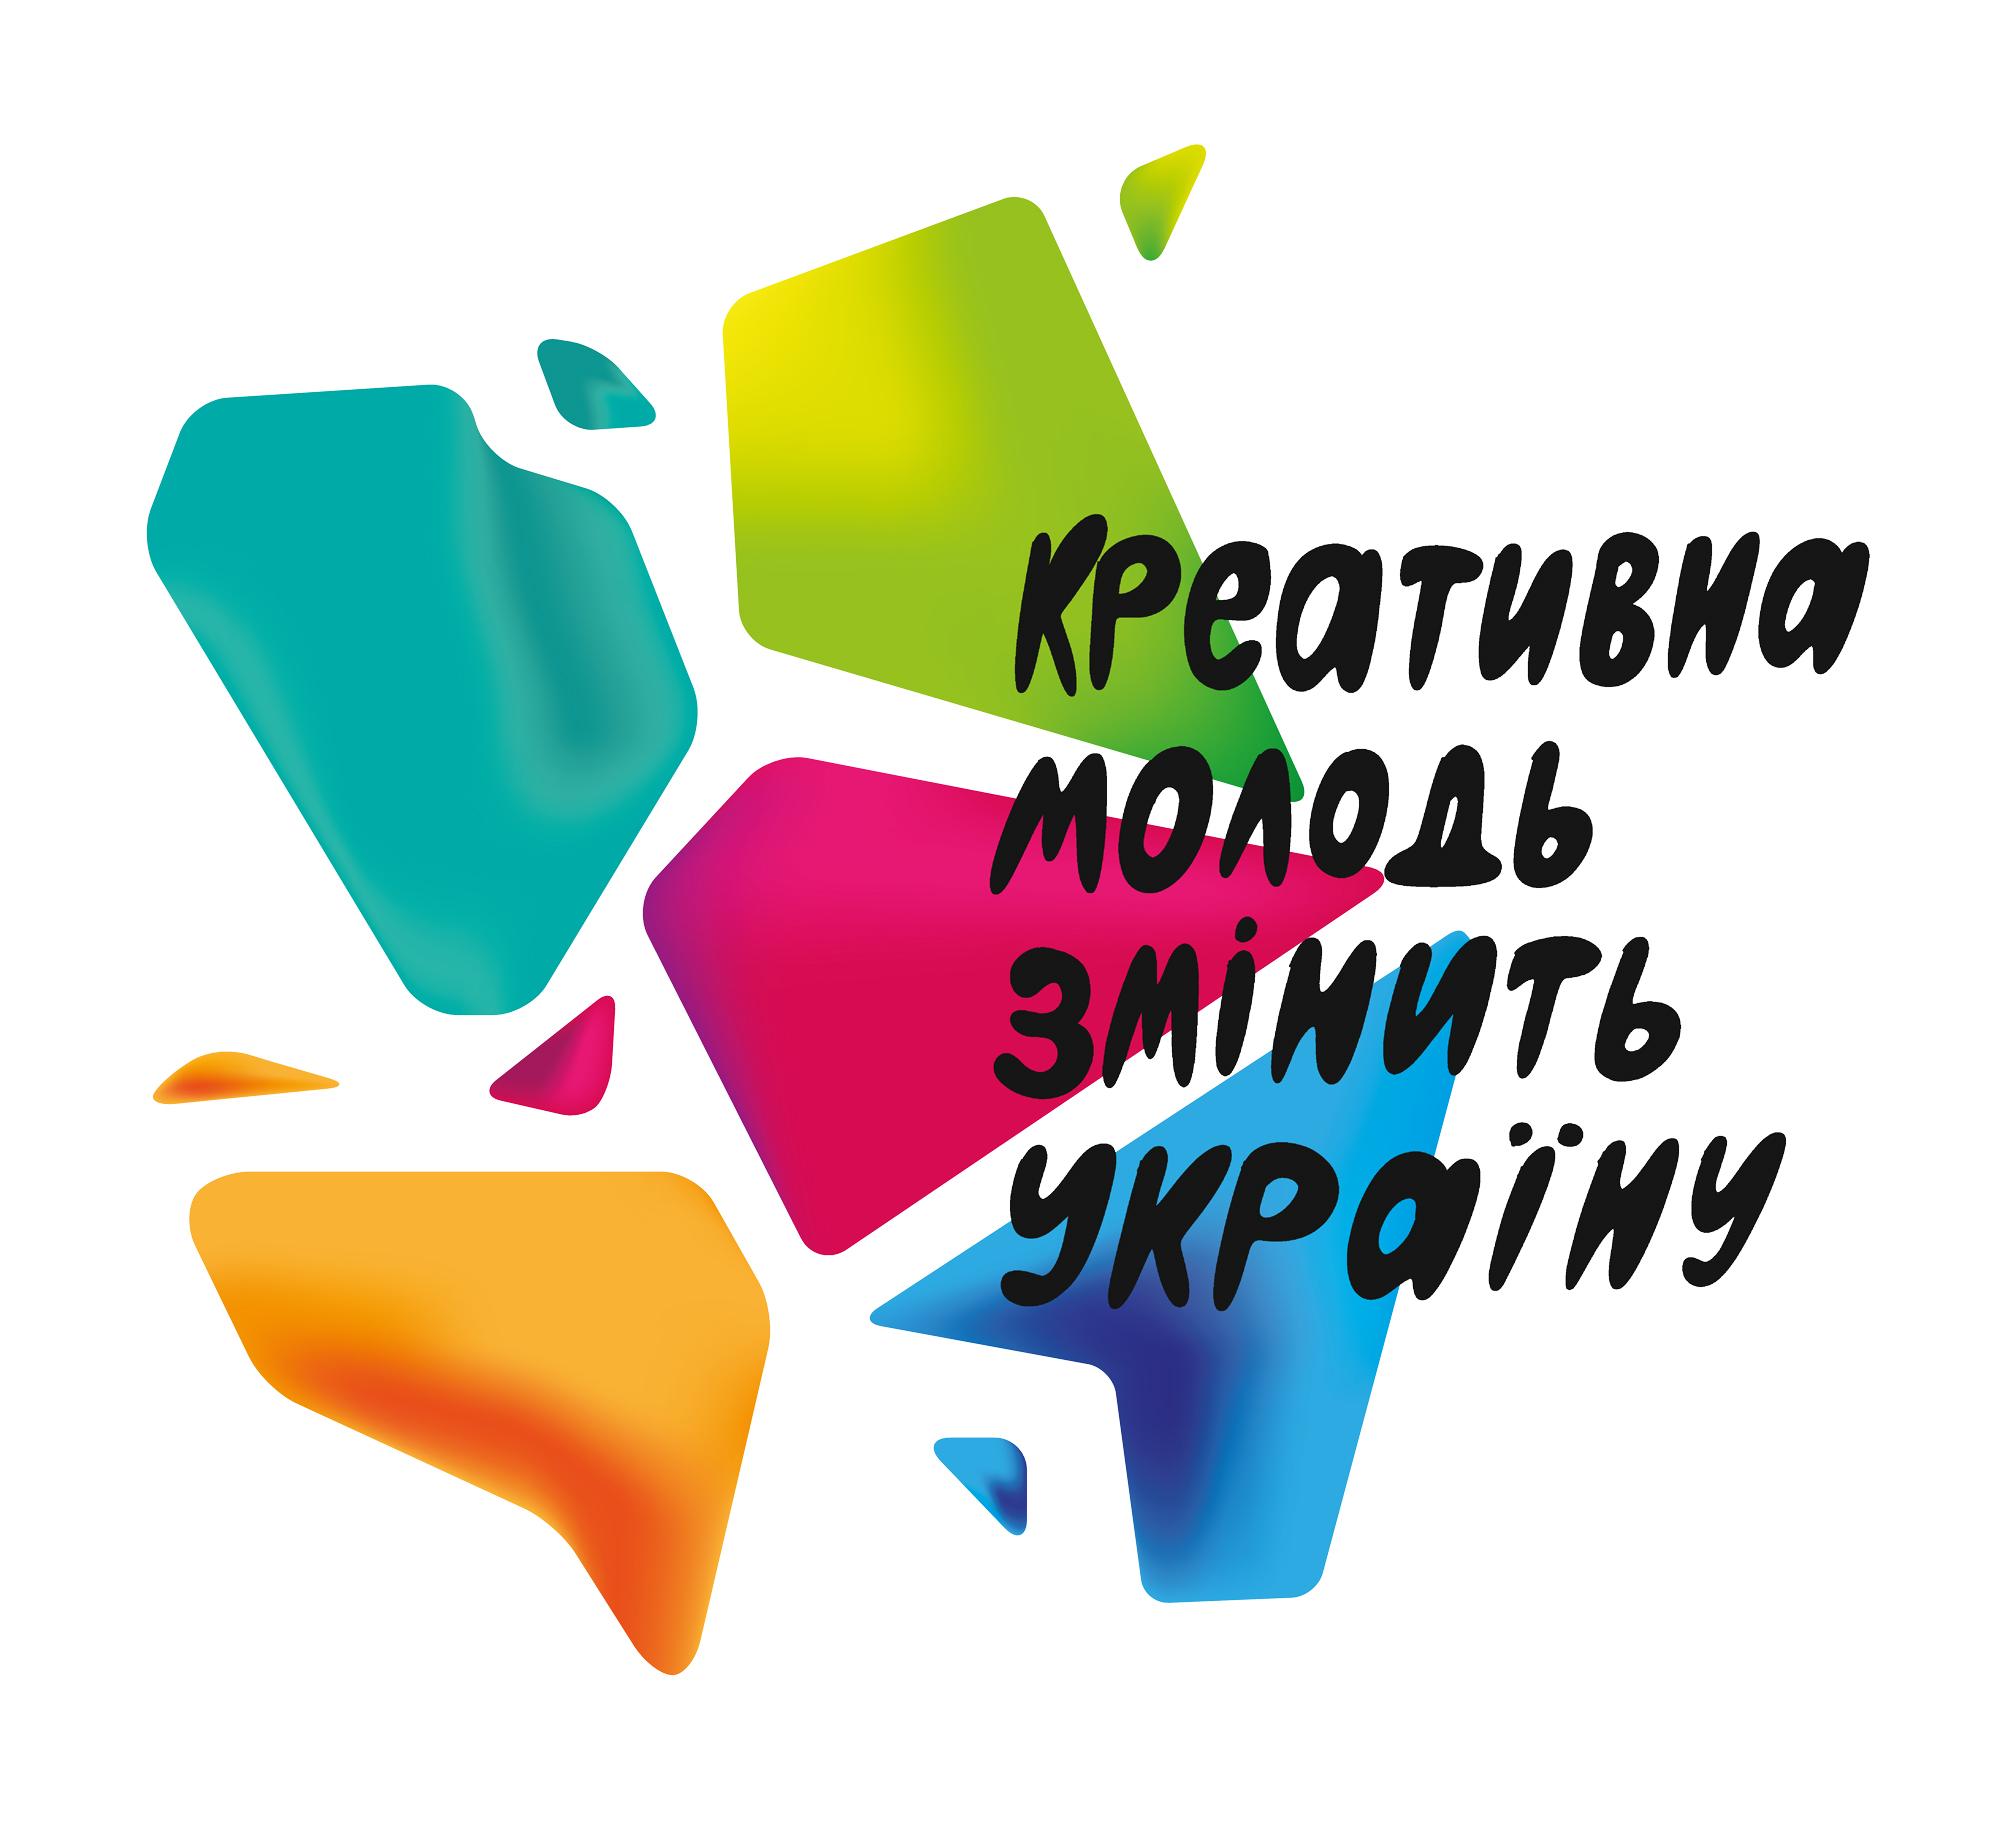 """Курс лекцій проходив у п'яти містах України, тому ми запропонували форму, яка б нагадувала """"печворкінг"""". З одного боку вони символізує міста, а з іншого - знання, людей, можливості."""